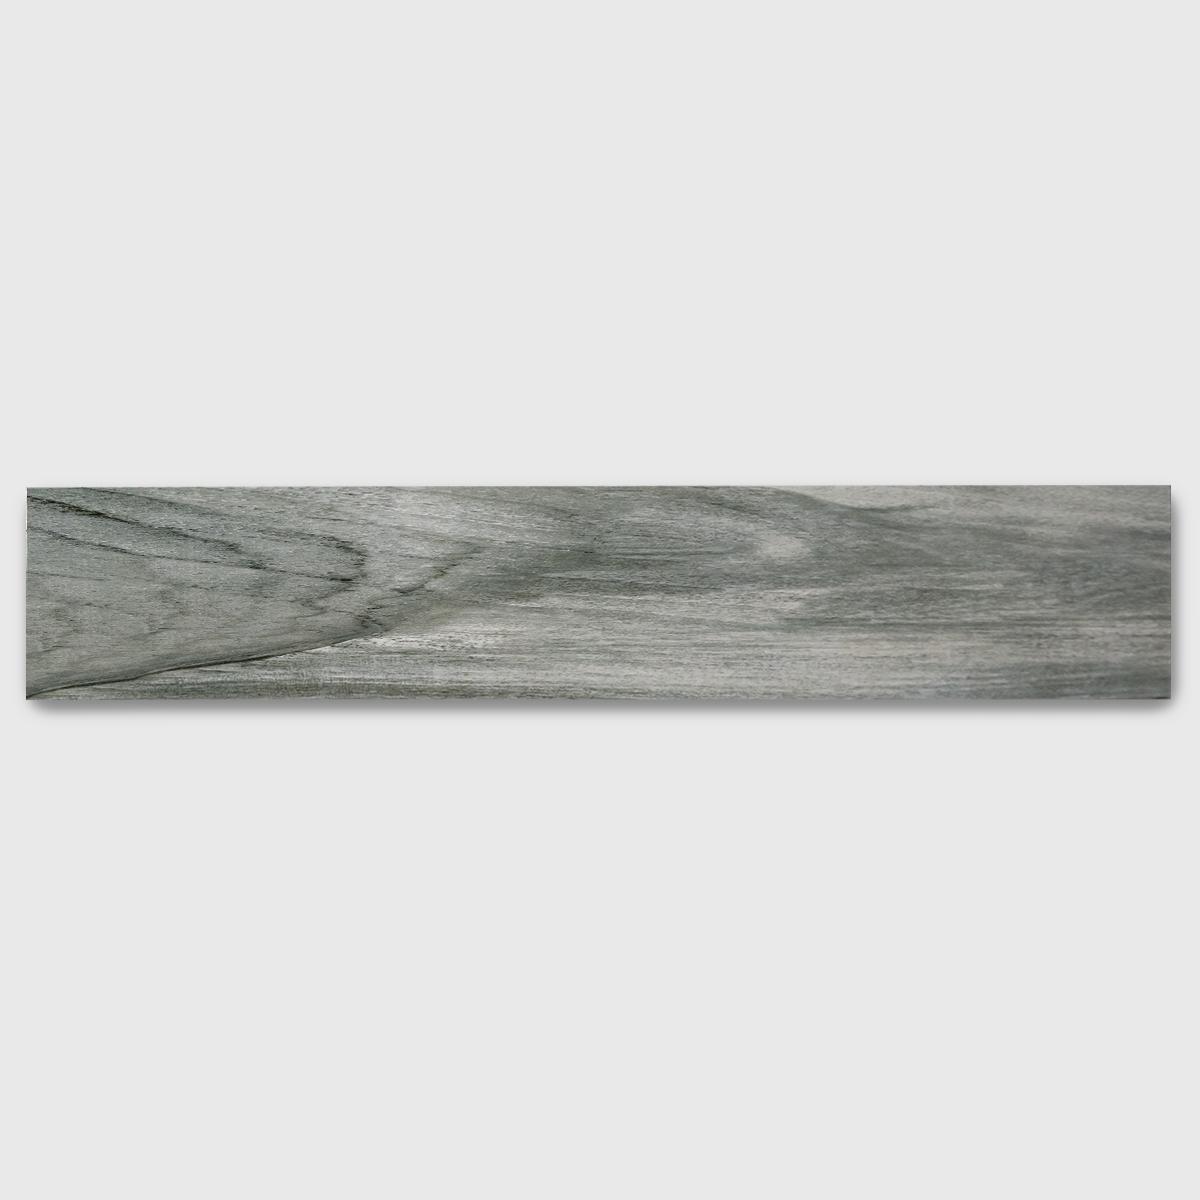 T10537 ipewoodlock grey